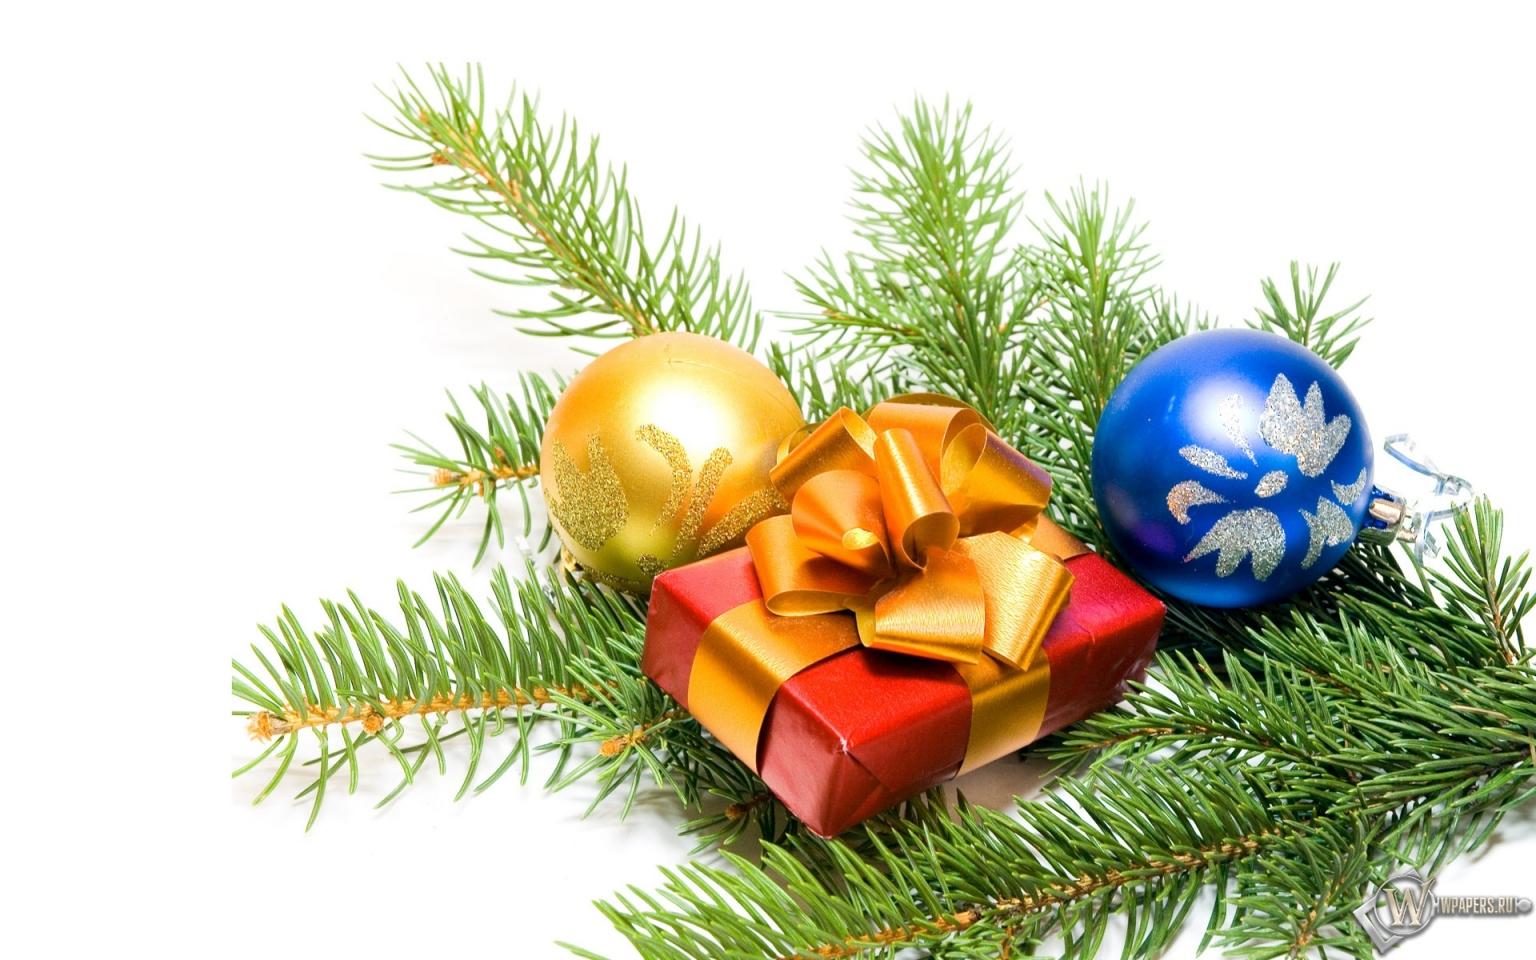 Новогодний подарок 1536x960